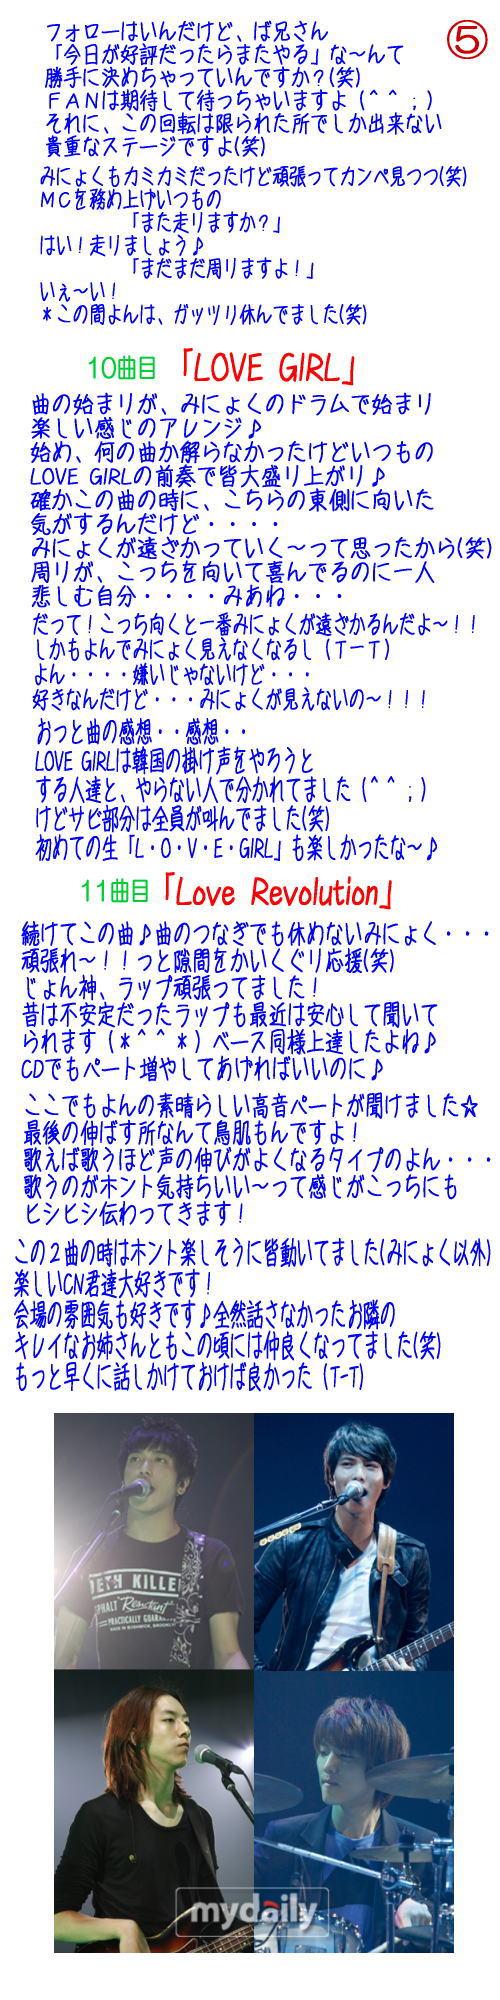 横浜アリーナ-5